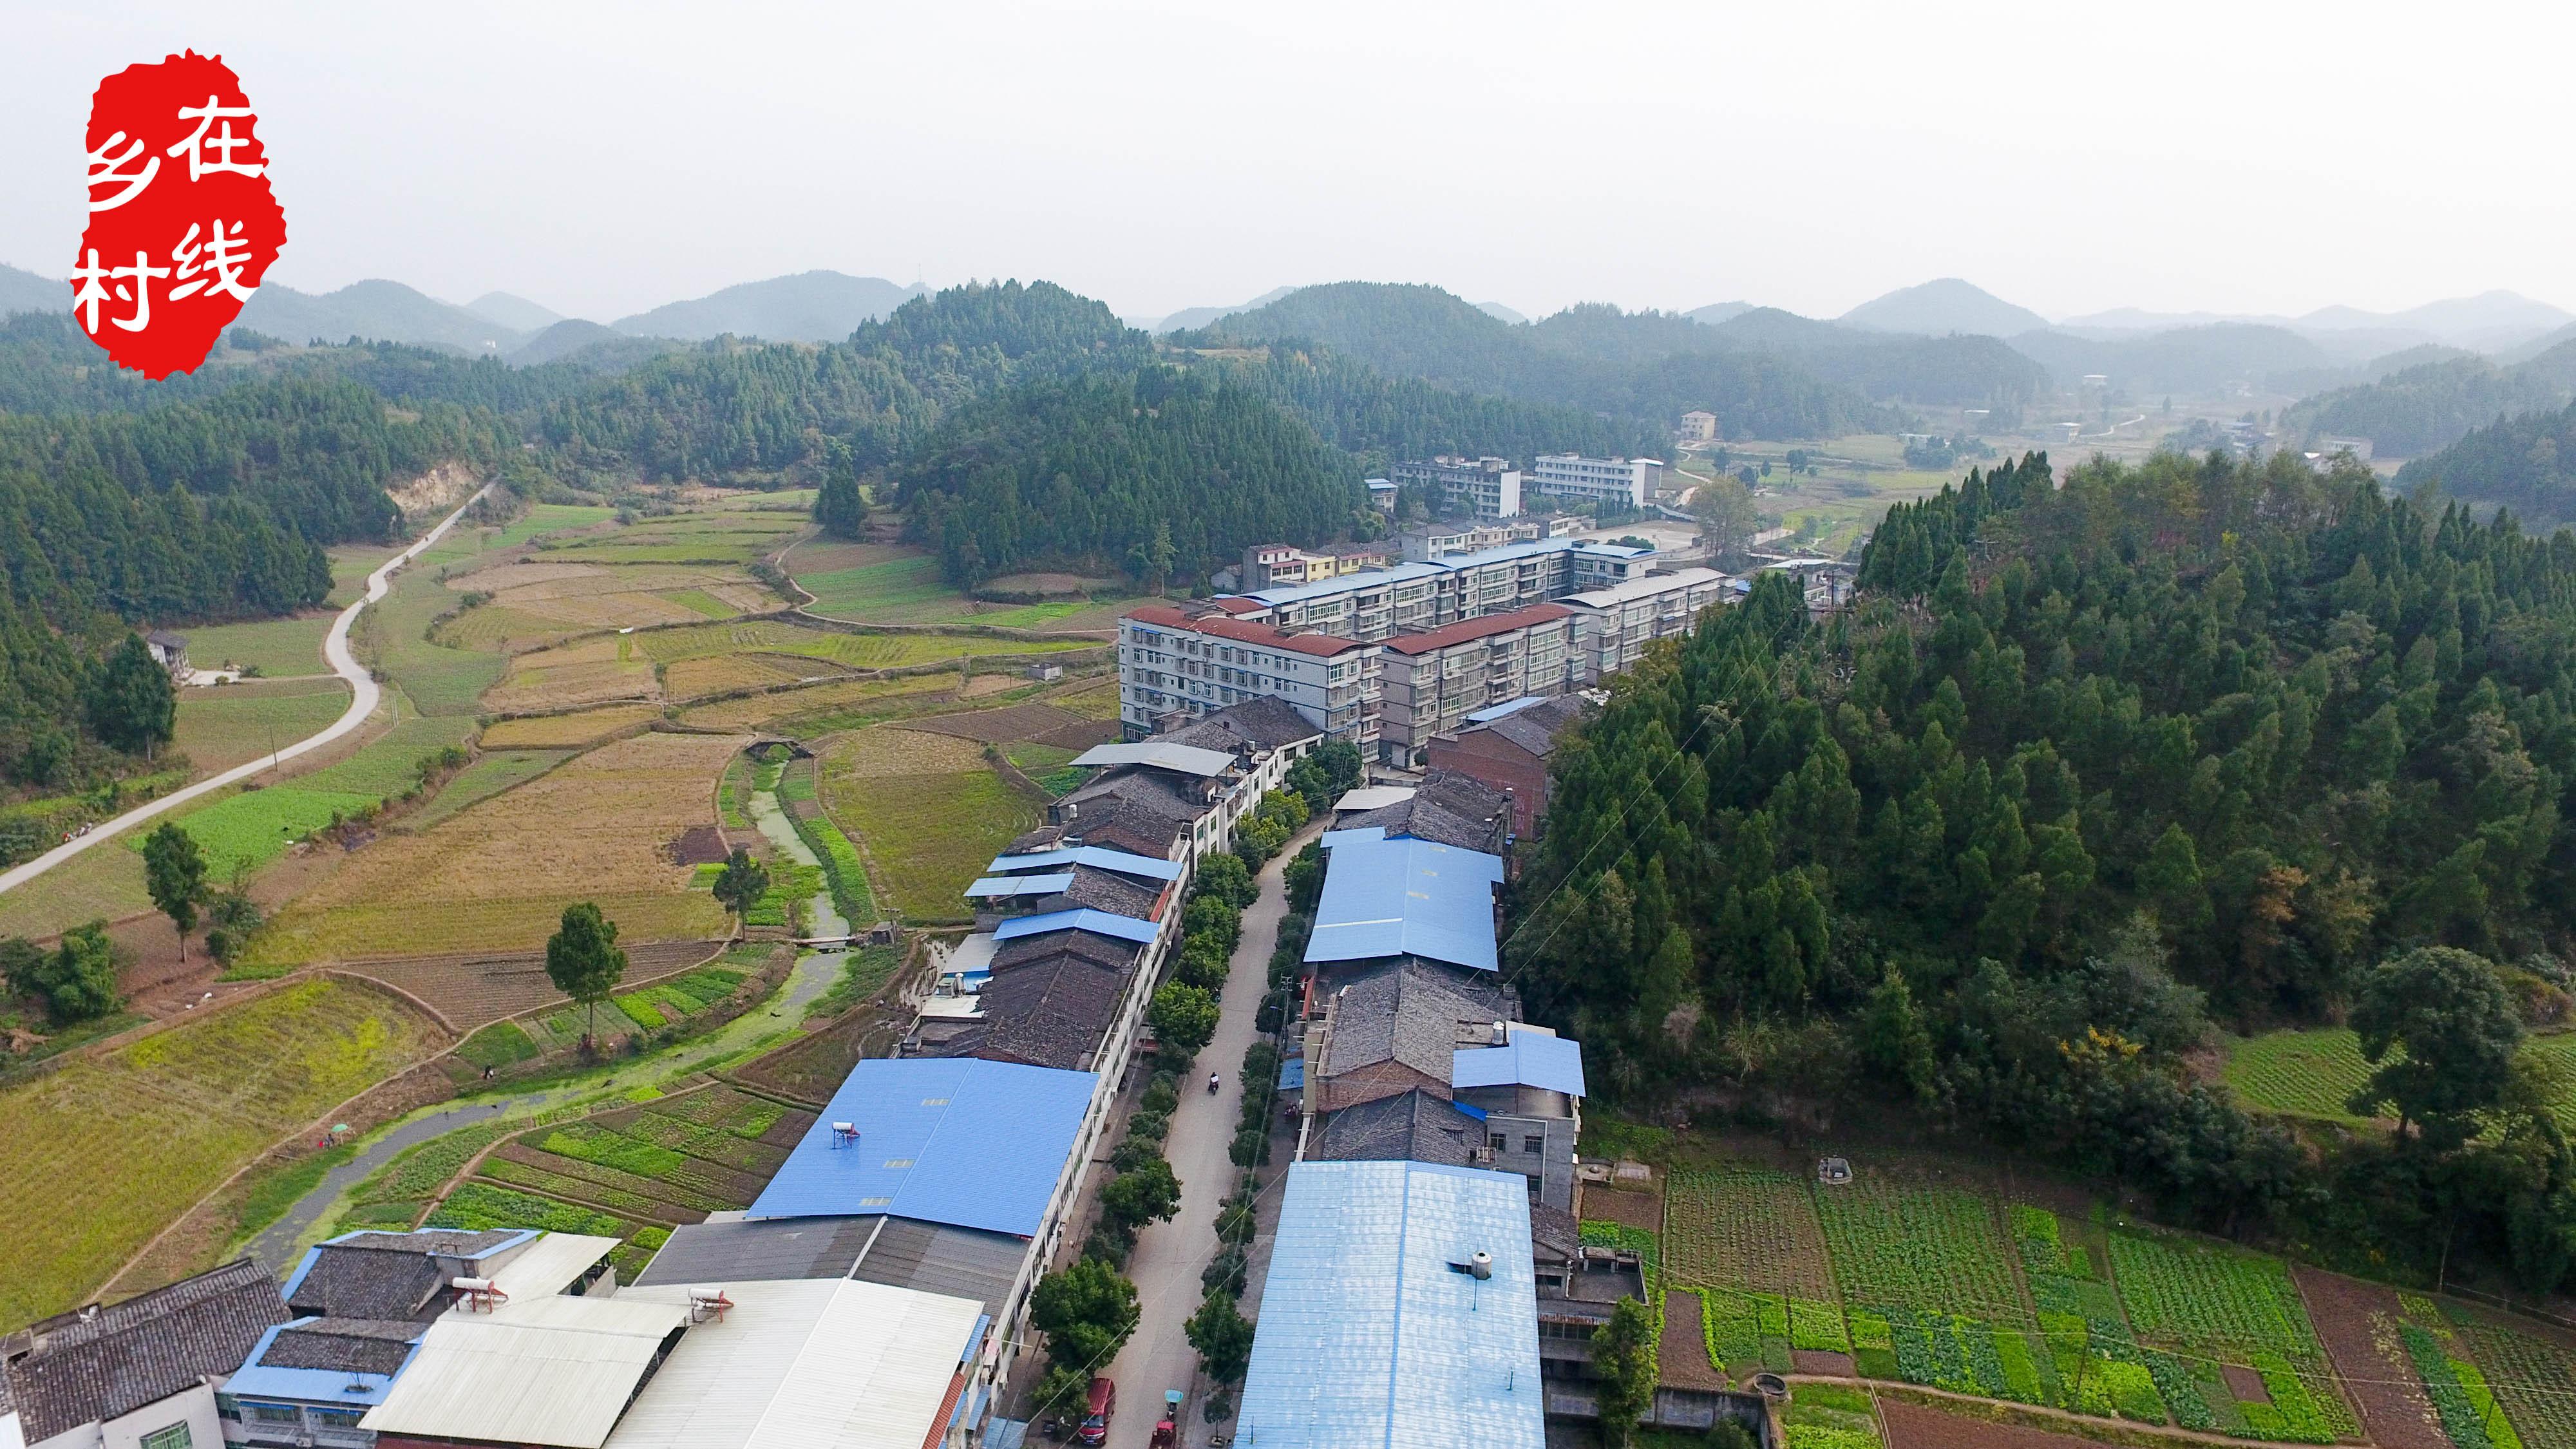 四川 南部县永庆乡航拍图集